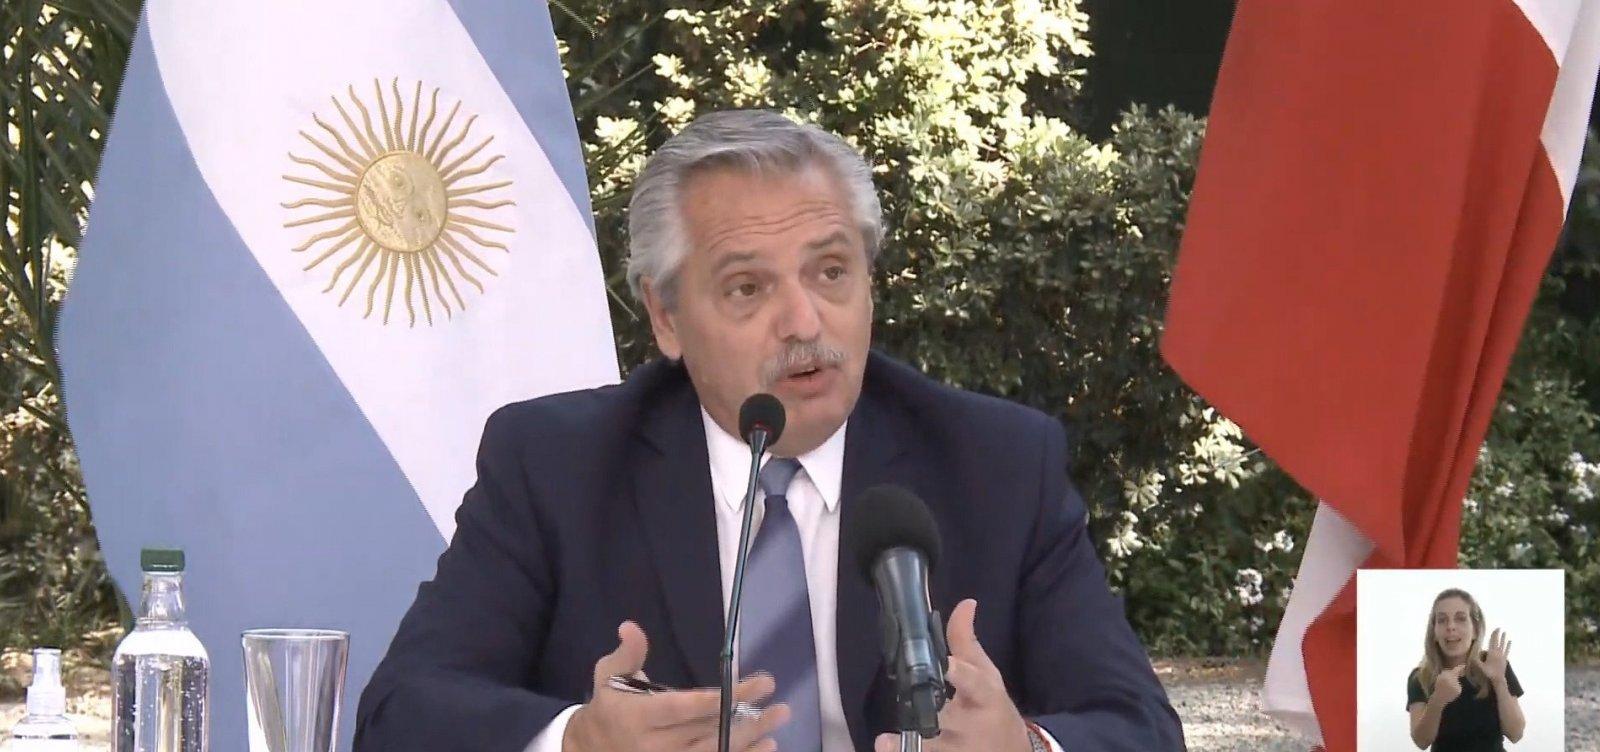 Cinco ministros entregam os cargos e abalam governo argentino